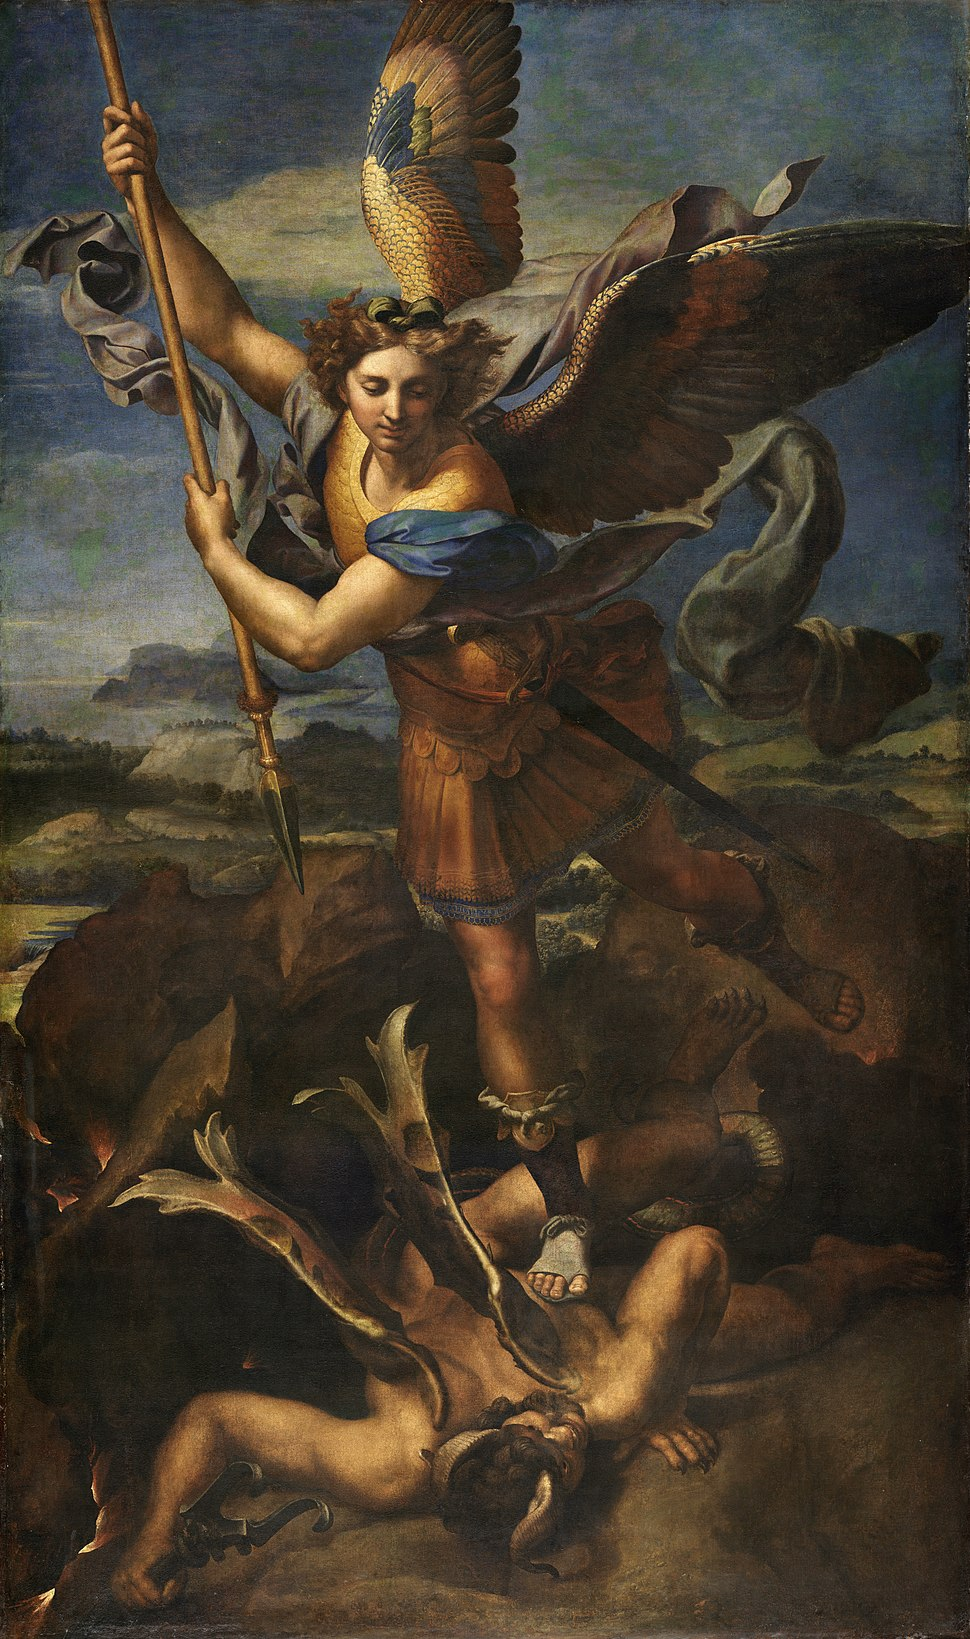 Le Grand Saint Michel, by Raffaello Sanzio, from C2RMF retouched